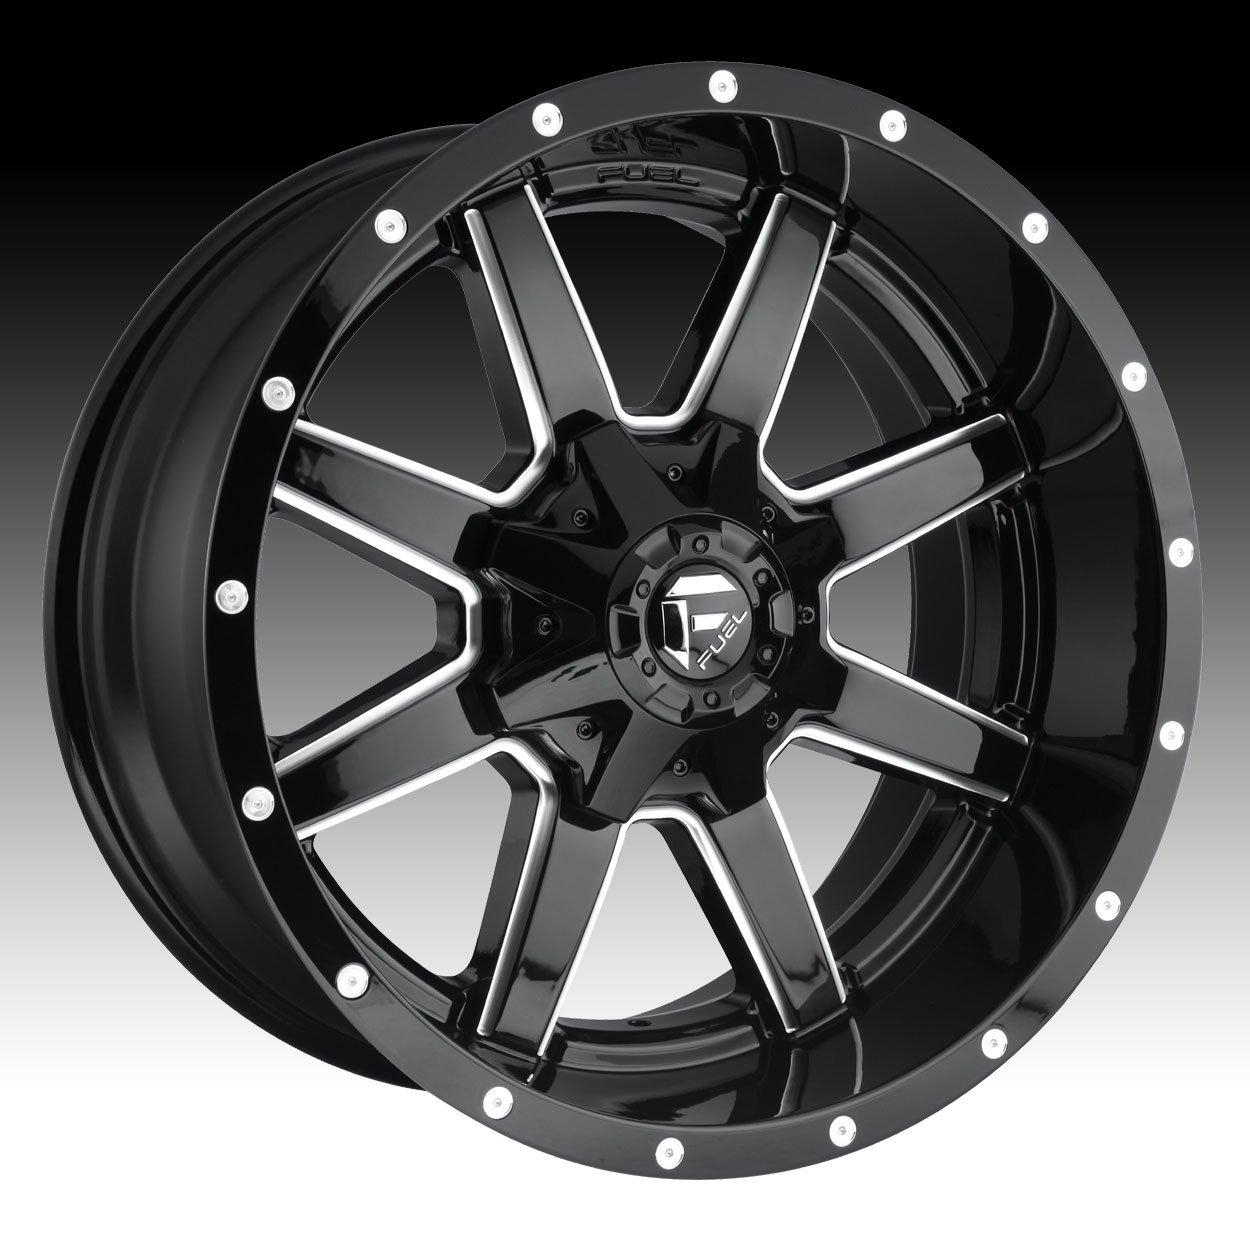 Fuel D610 Maverick 20x12 8x170 -44mm Gloss Black/Milled Wheel Rim